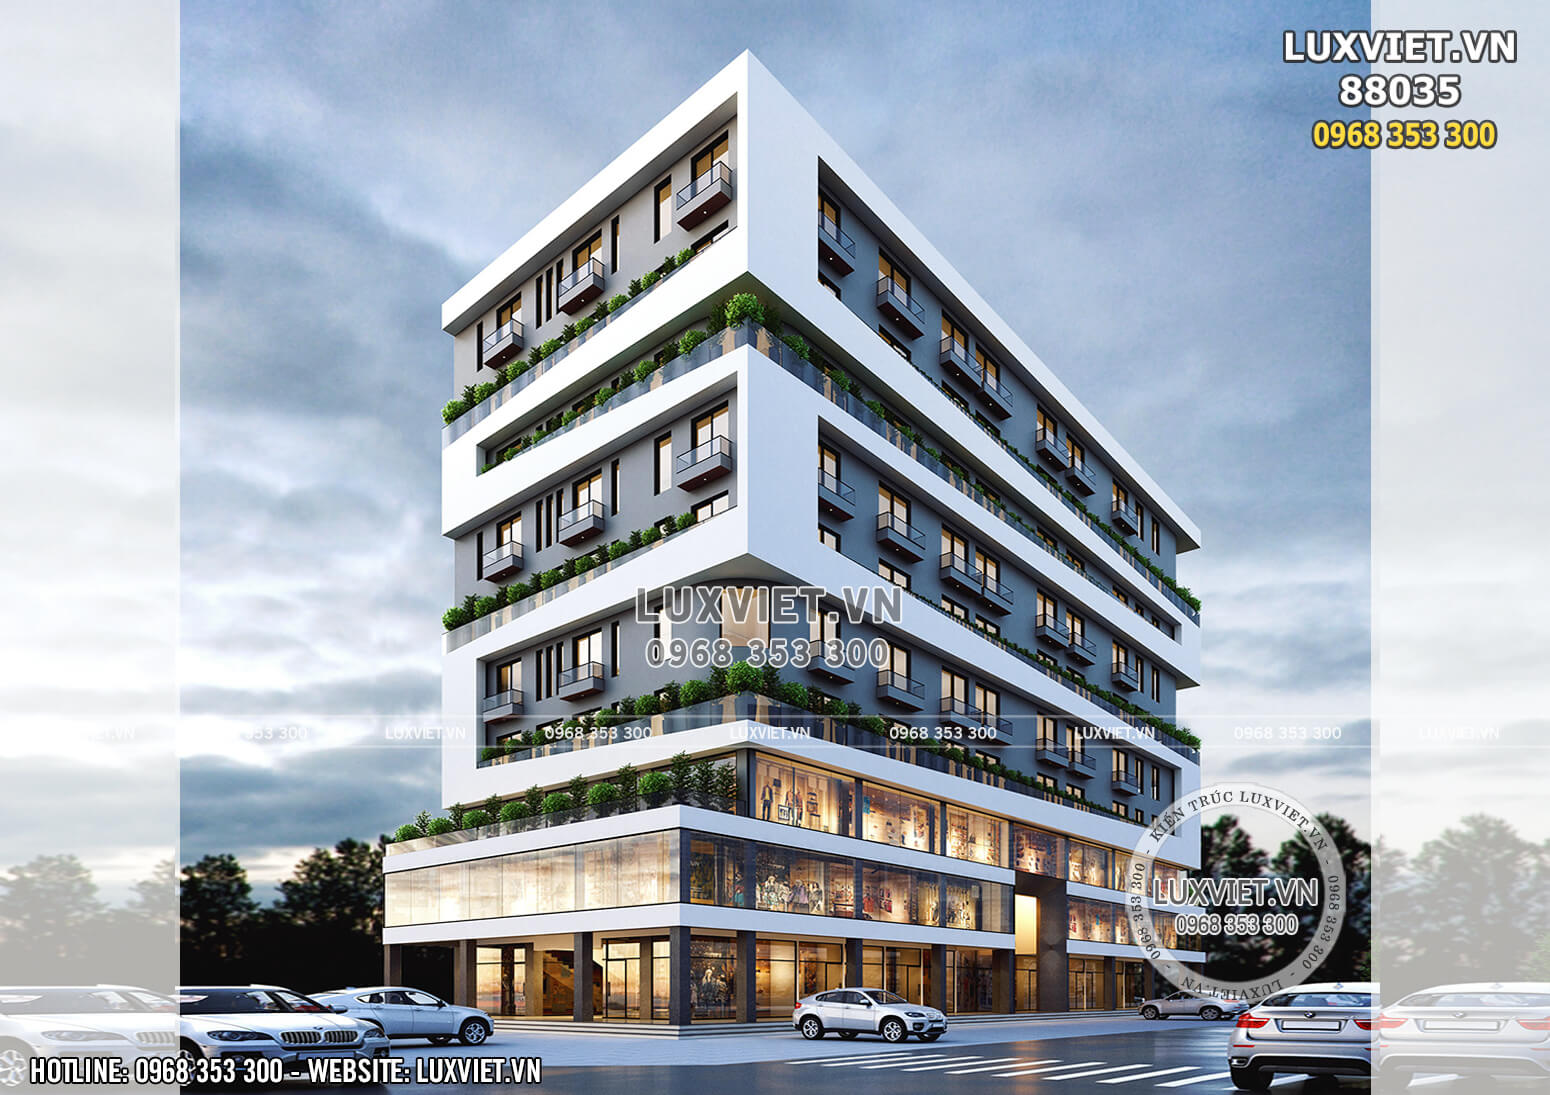 Hình ảnh: Thiết kế tổ hợp văn phòng - khách sạn đẹp - LV 88035